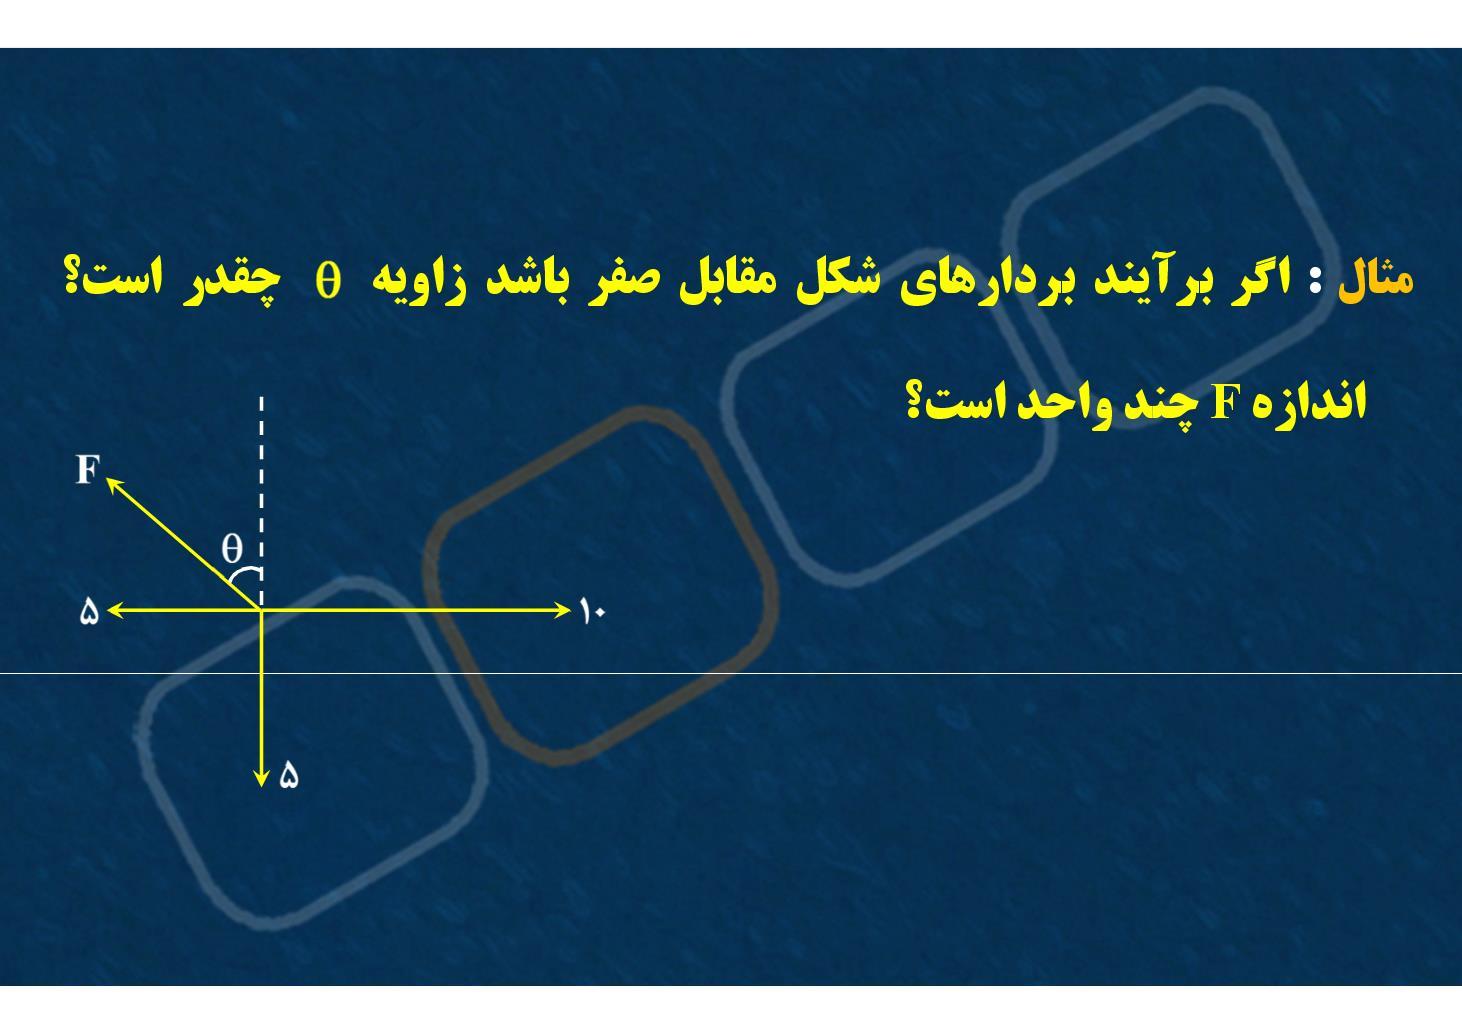 فیزیک٢- فصل ١- جمع بردارها- برآیندگیری- بخش ١ (PDF)